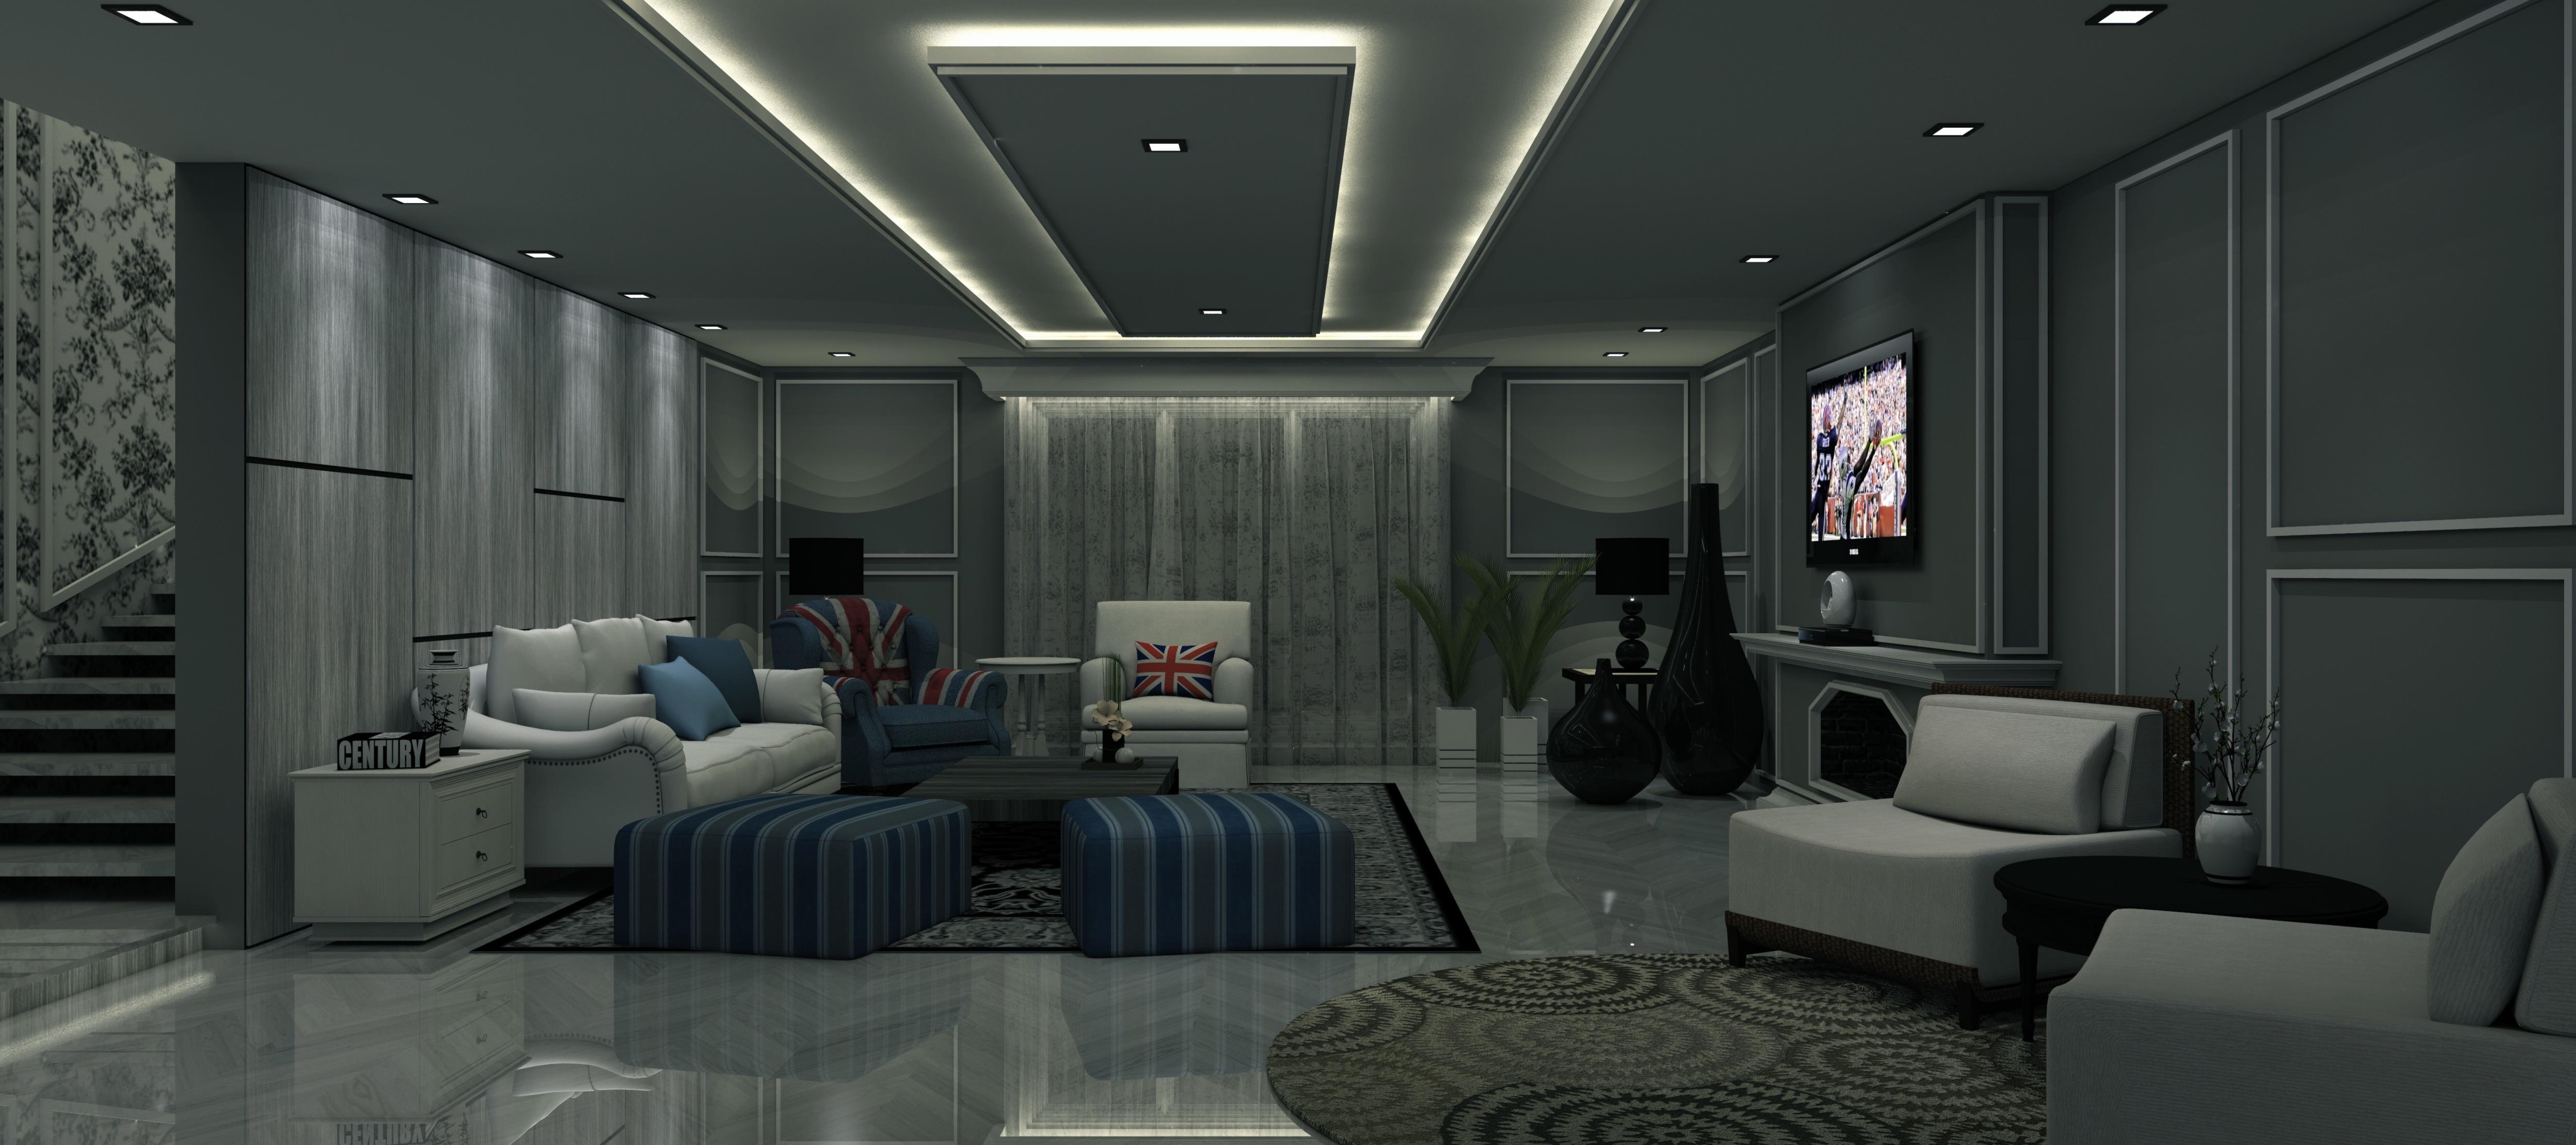 lighting shaderlight